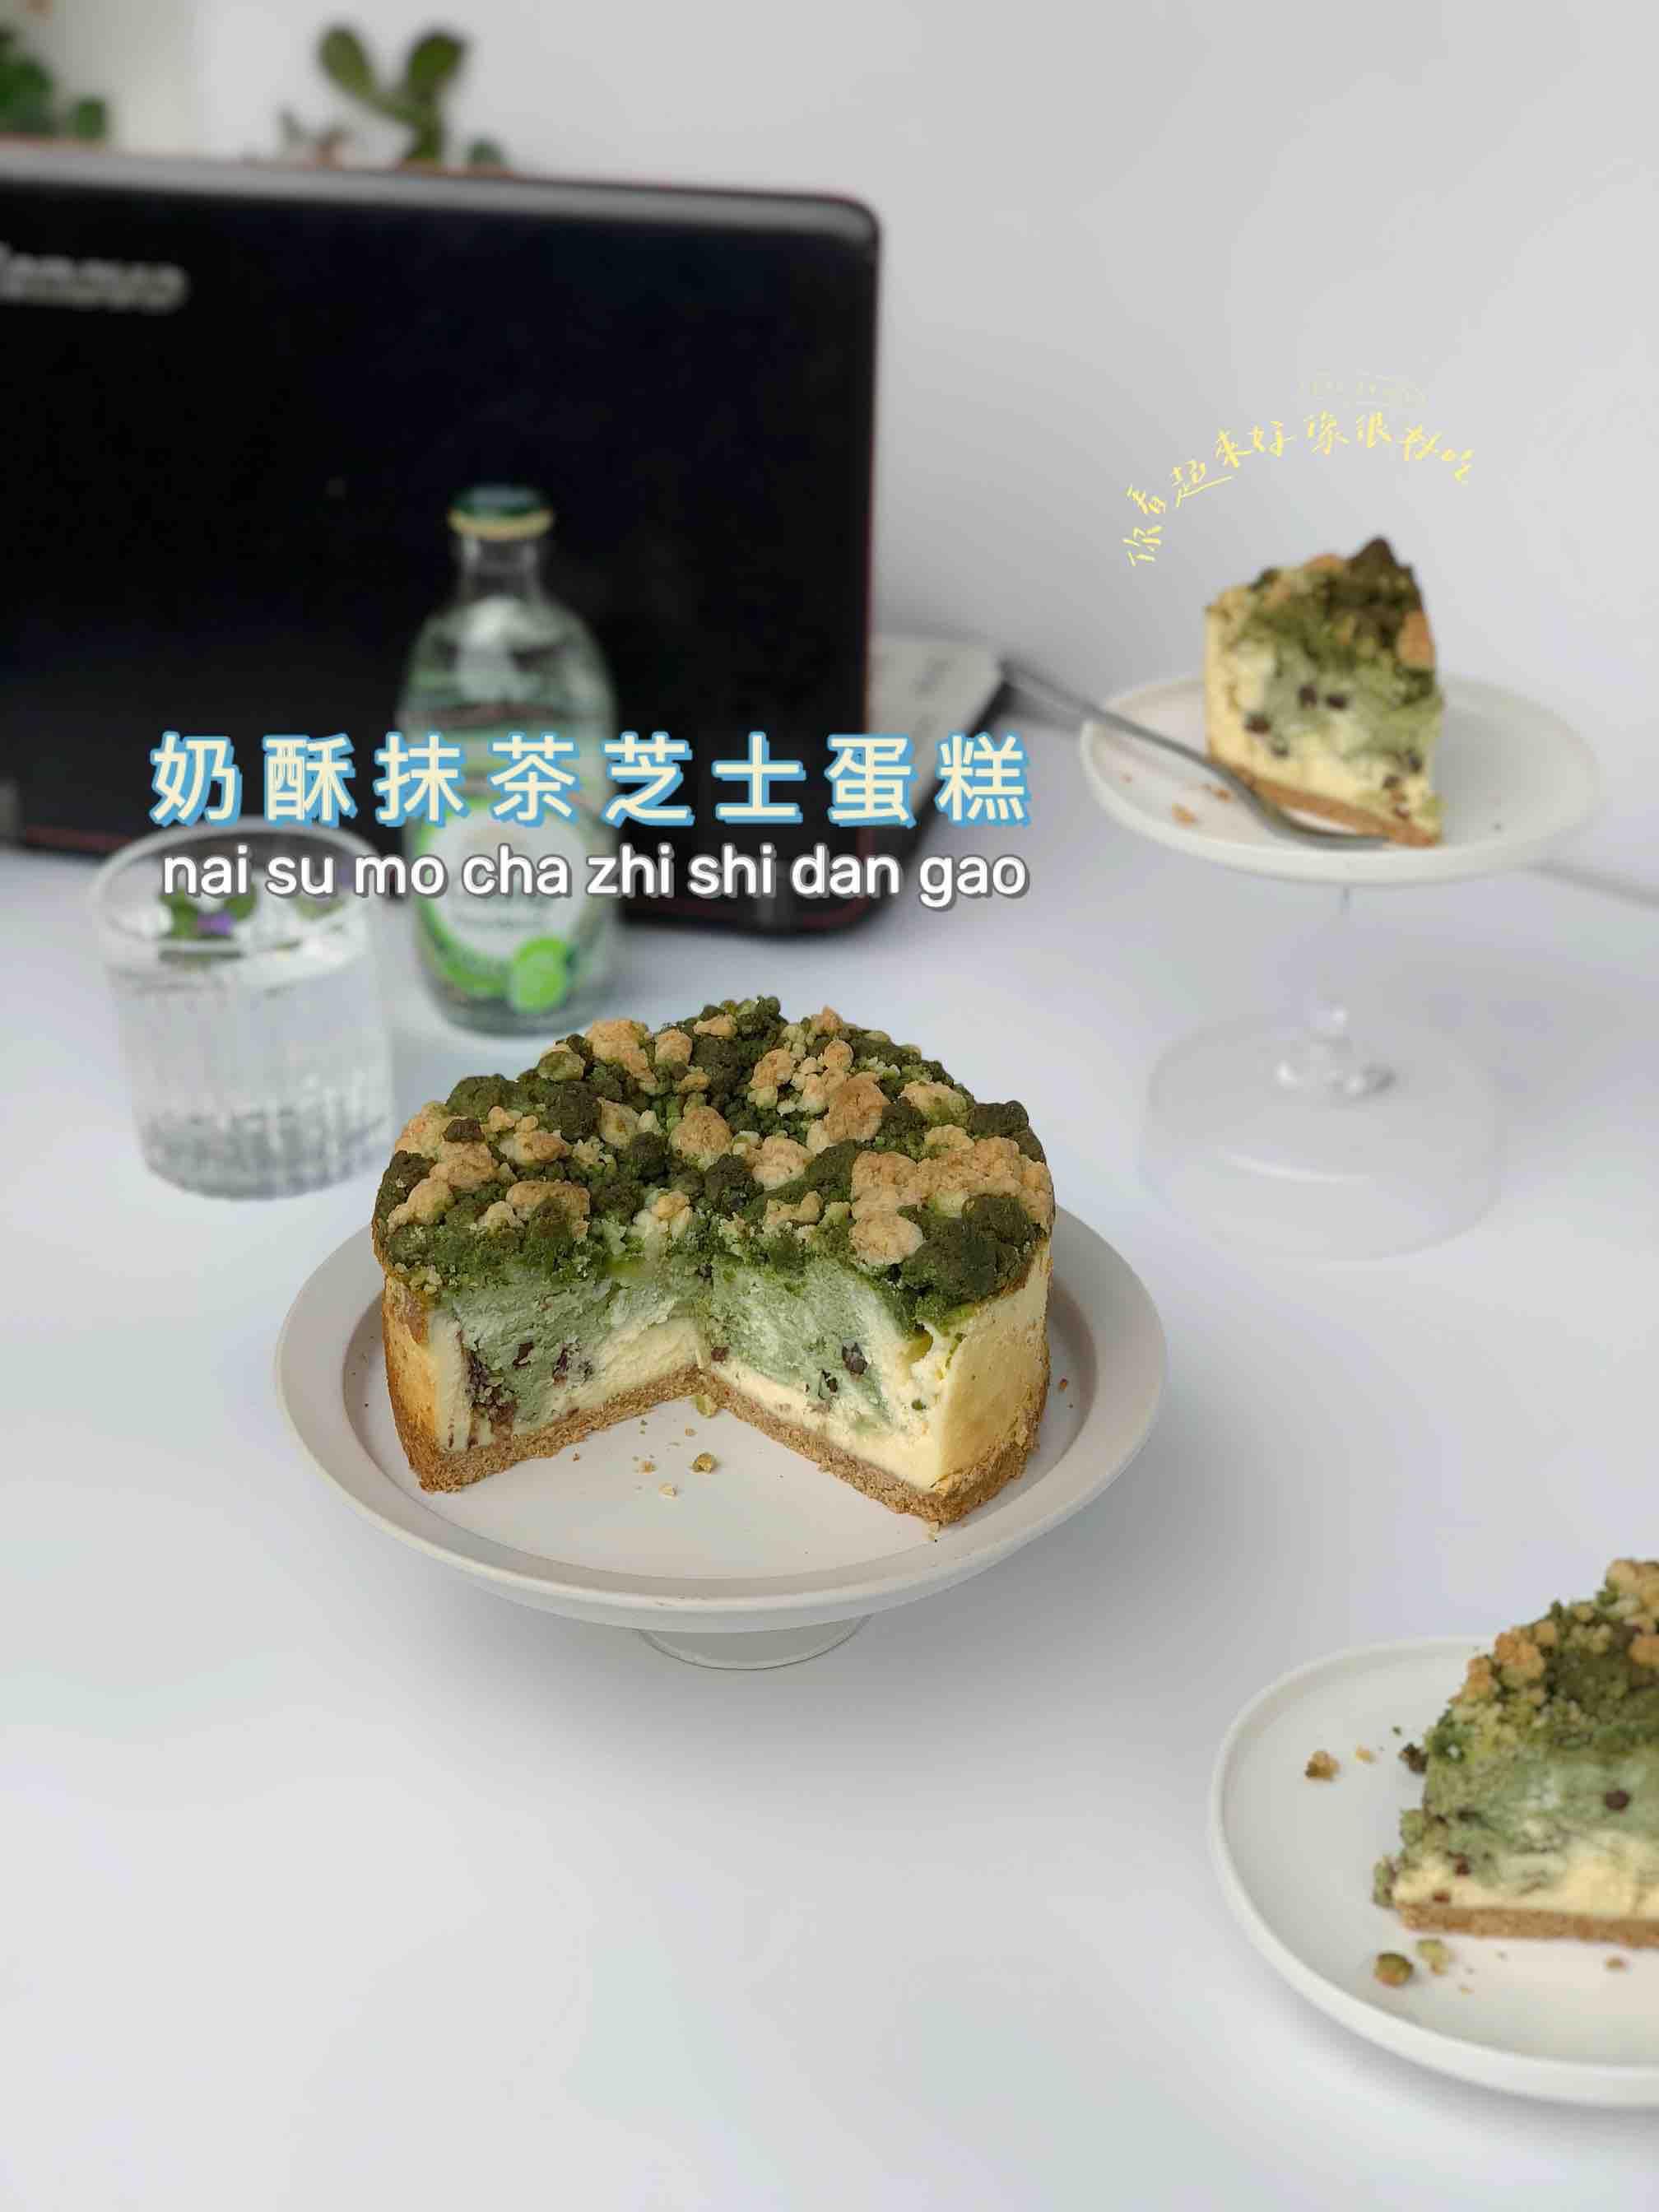 韩国奶酥芝士抹茶蛋糕